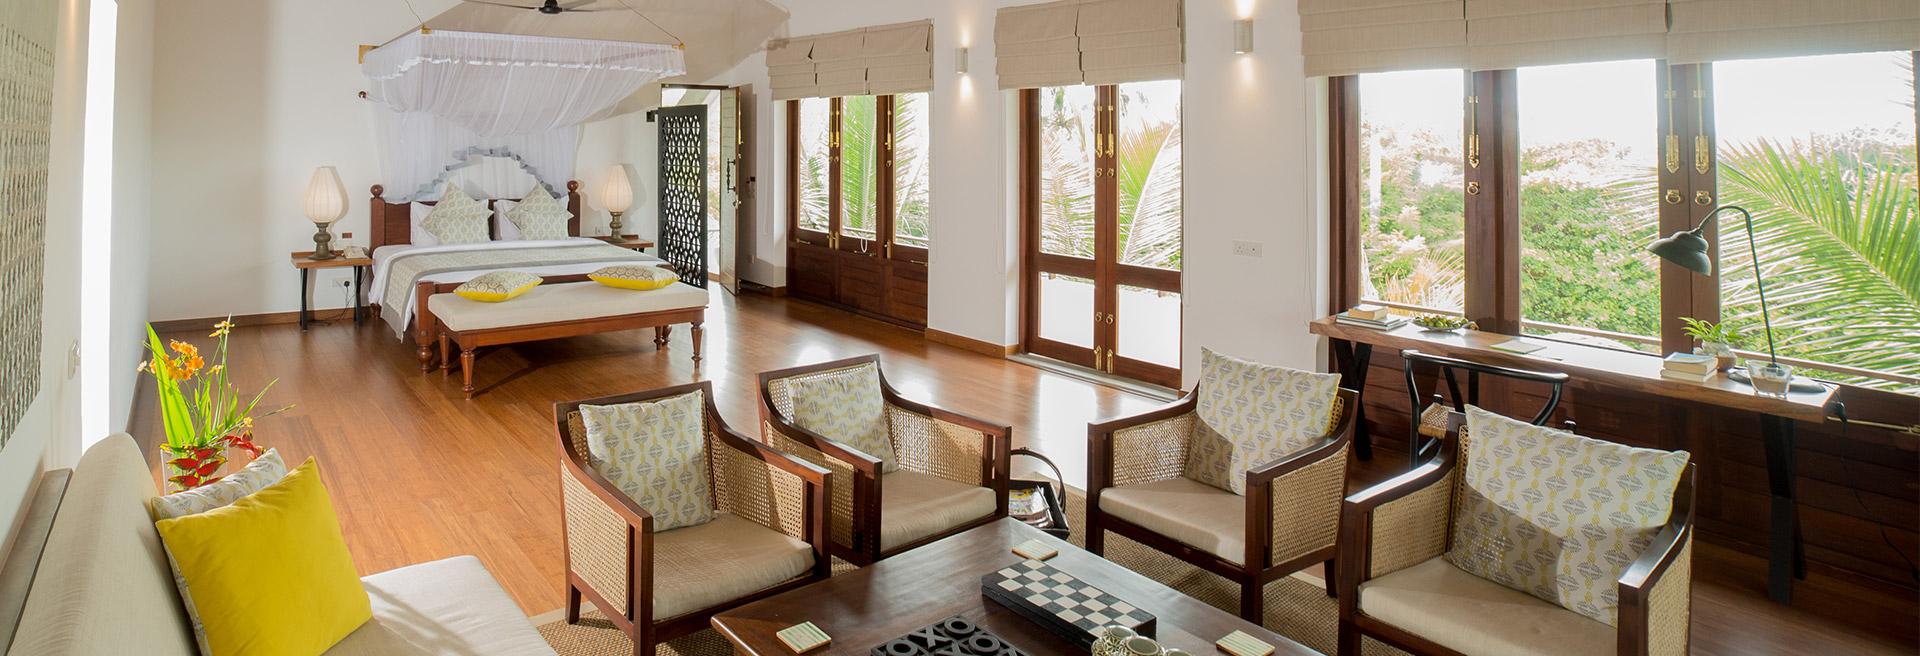 Inside Calamansi Suite